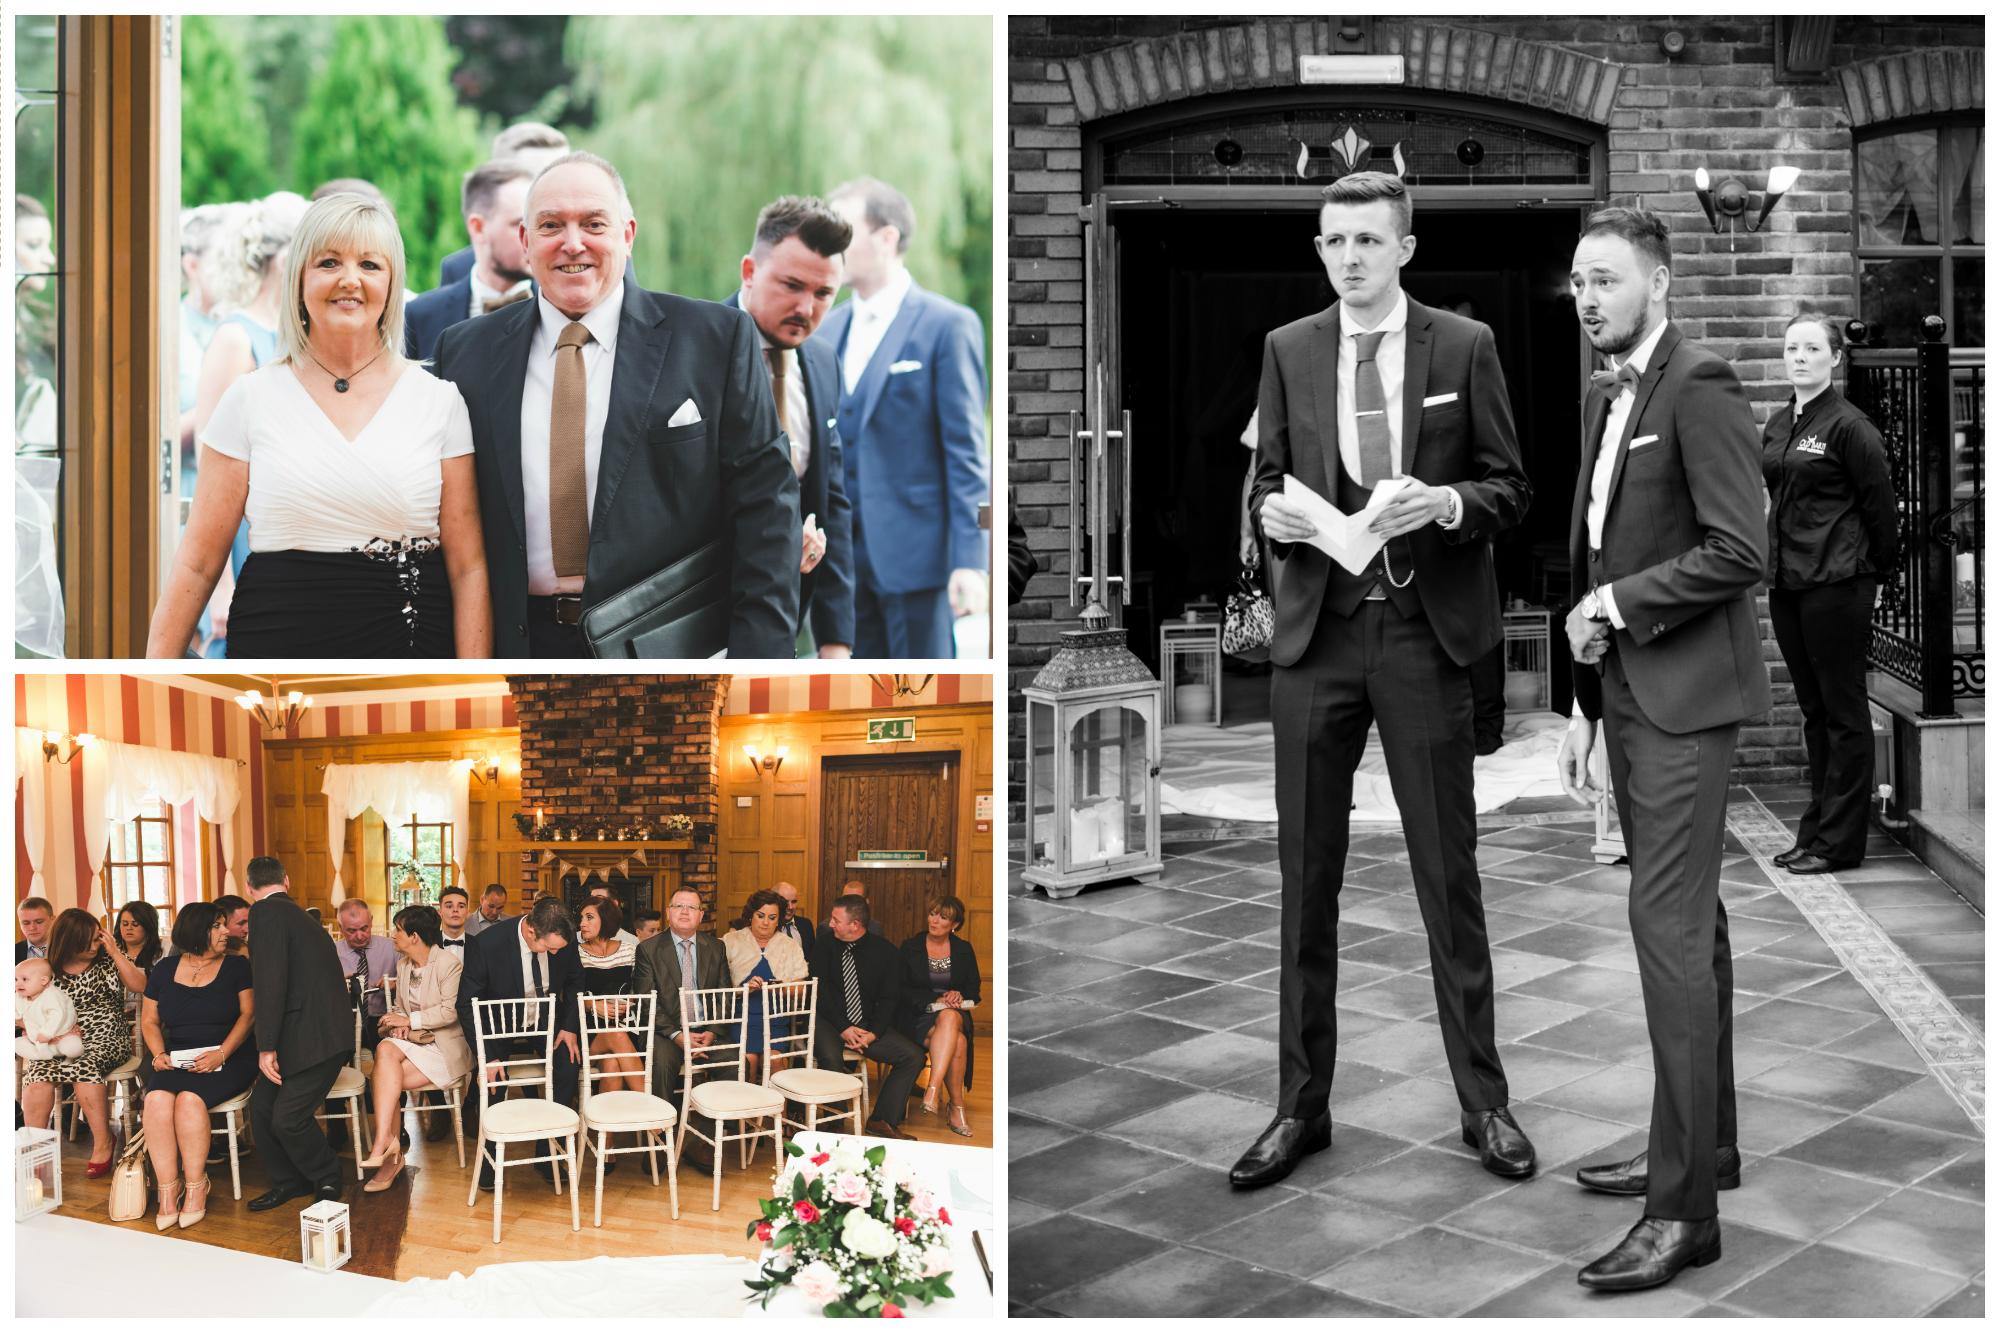 Northern_Ireland_Wedding_Photographer_Purephotoni_Weavers_Groomsmen.jpg